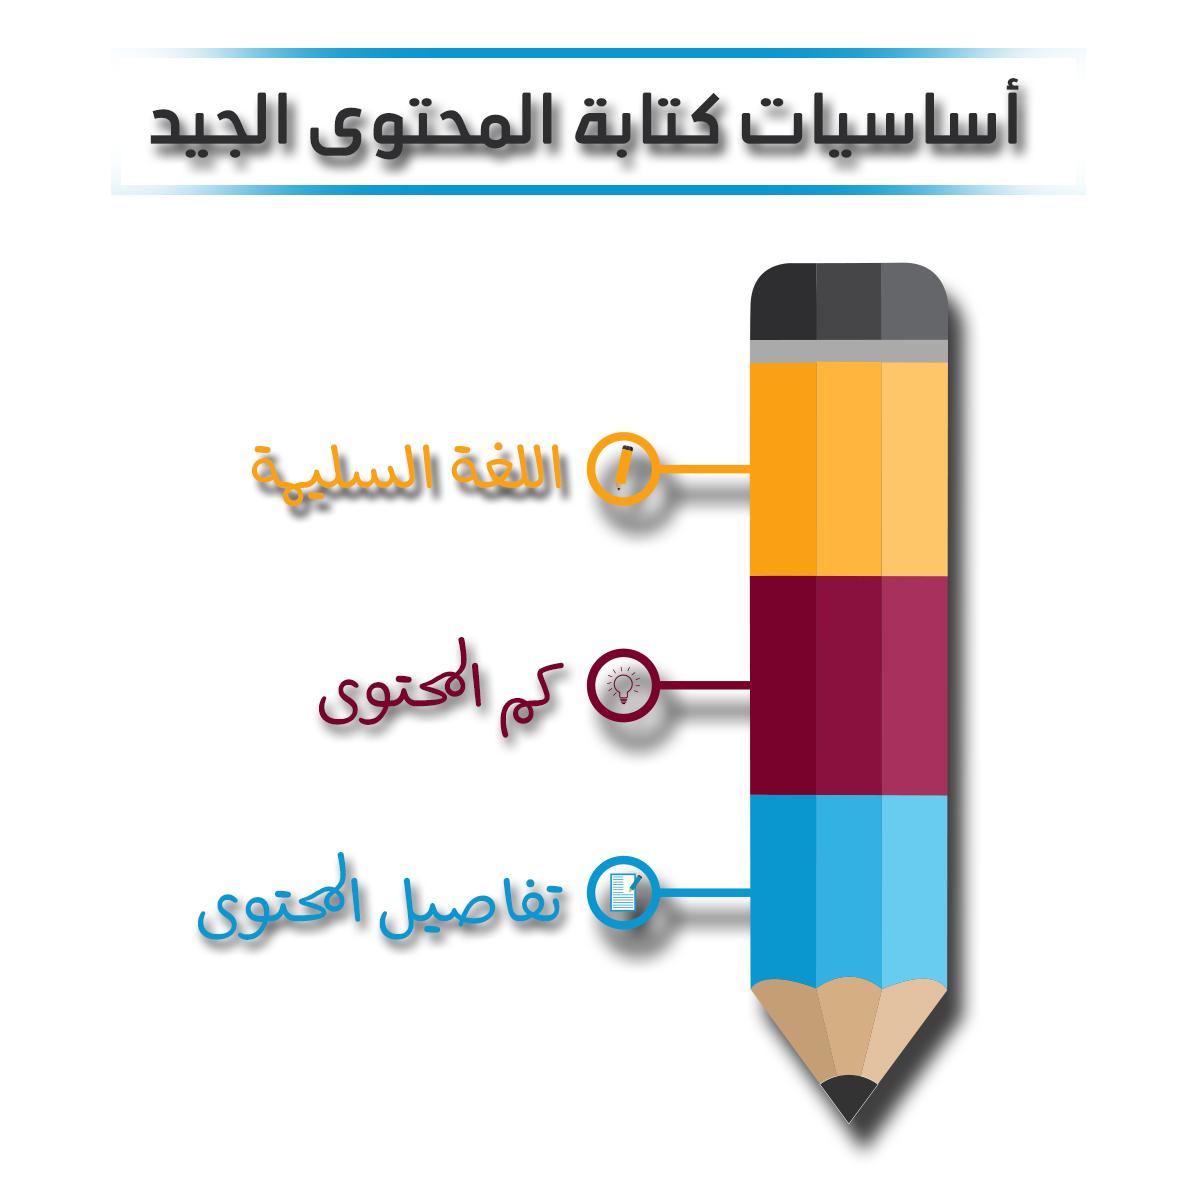 أساسيات كتابة محتوى عربي جيد